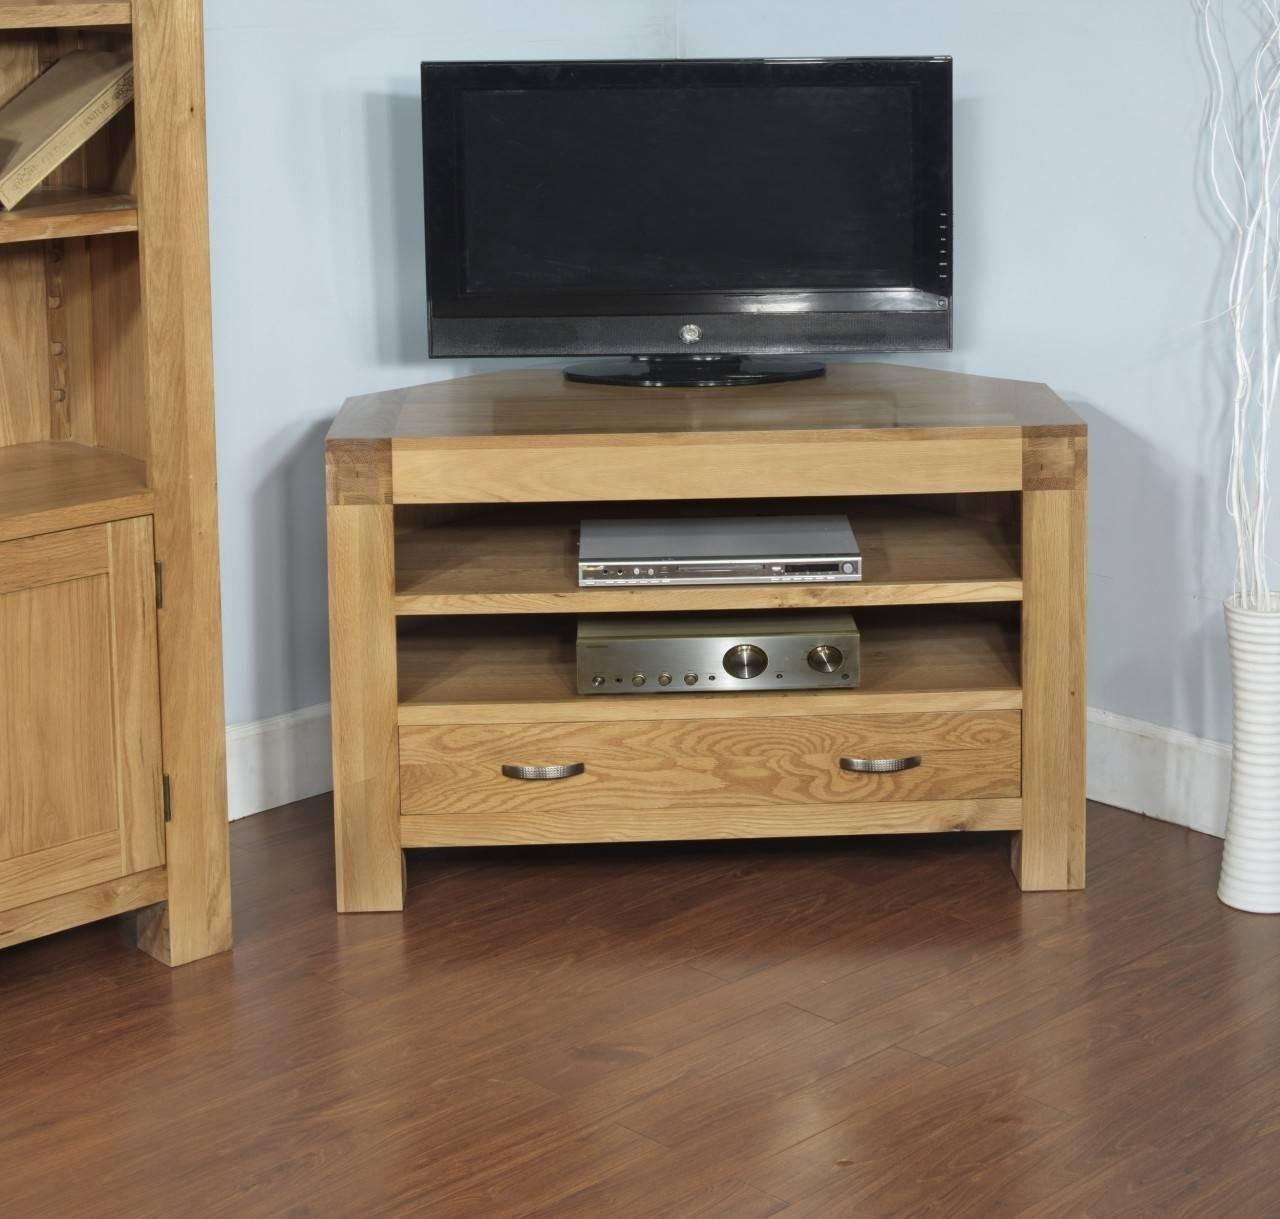 Small Corner Tv Cabinet Oak Small Corner Tv Cabinet Oak Light Oak in Light Oak Corner Tv Cabinets (Image 9 of 15)